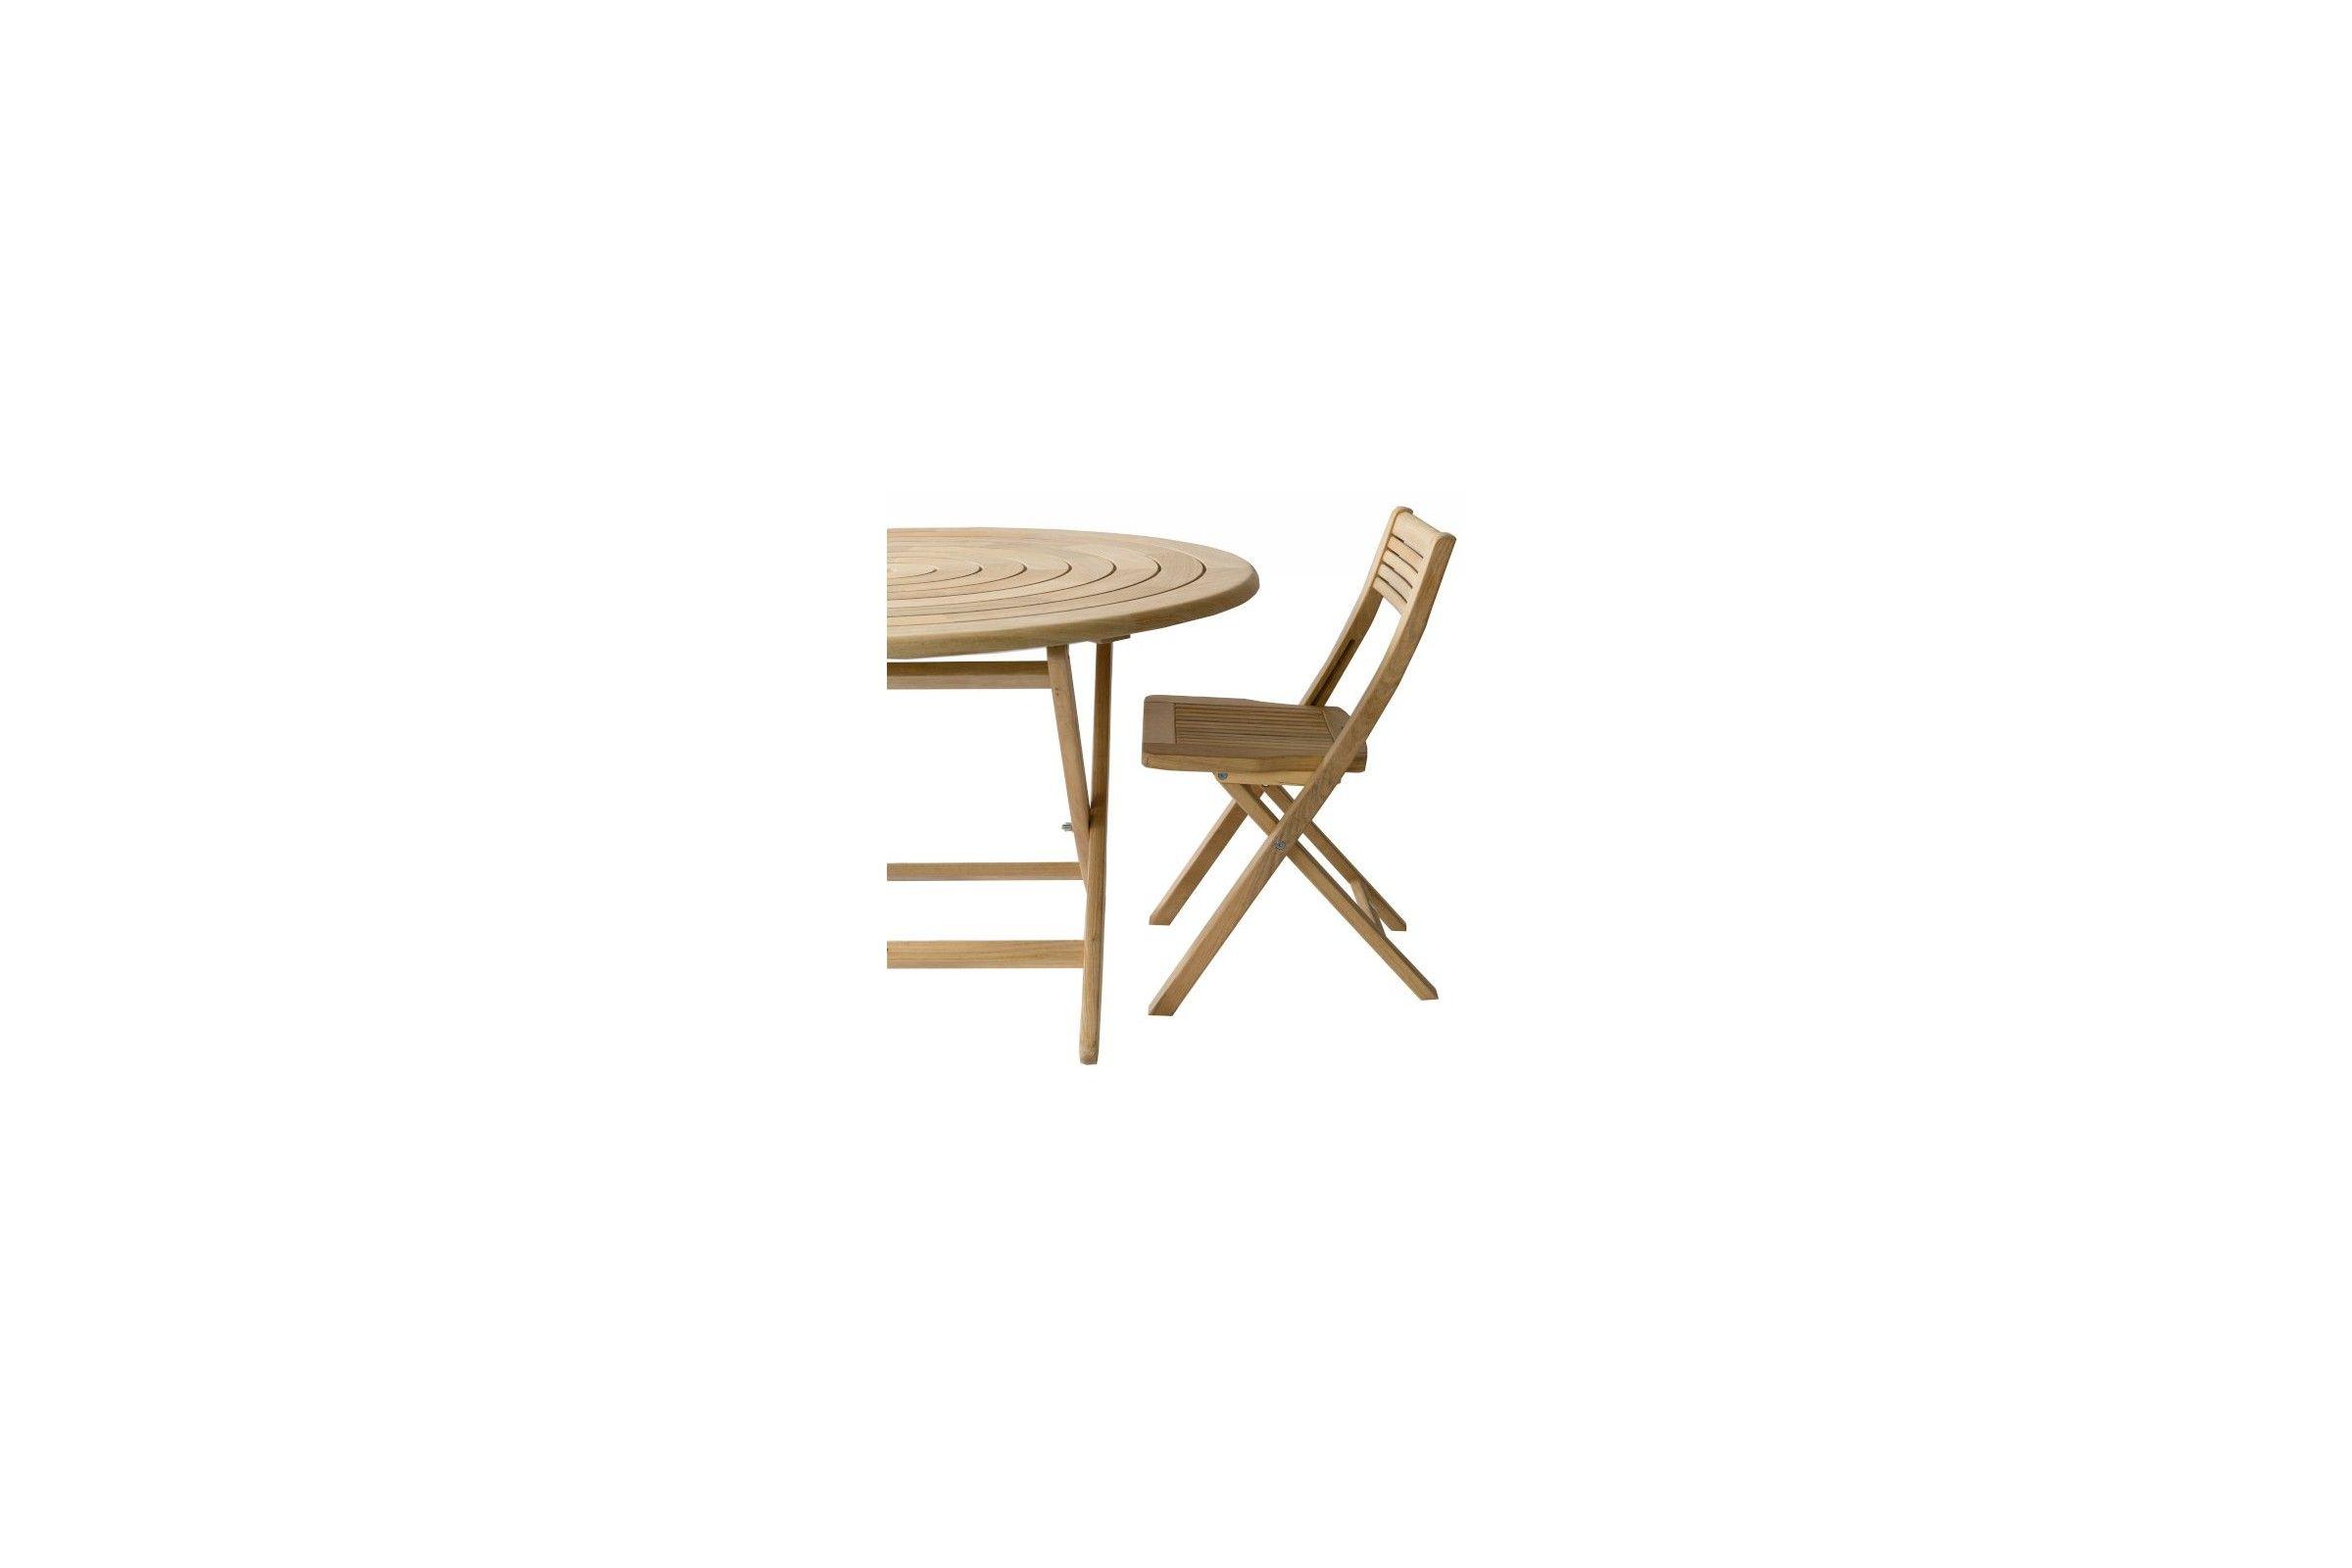 Table de jardin pliante et ronde 130 cm en bois massif haut de gamme - Table jardin pliante bois ...